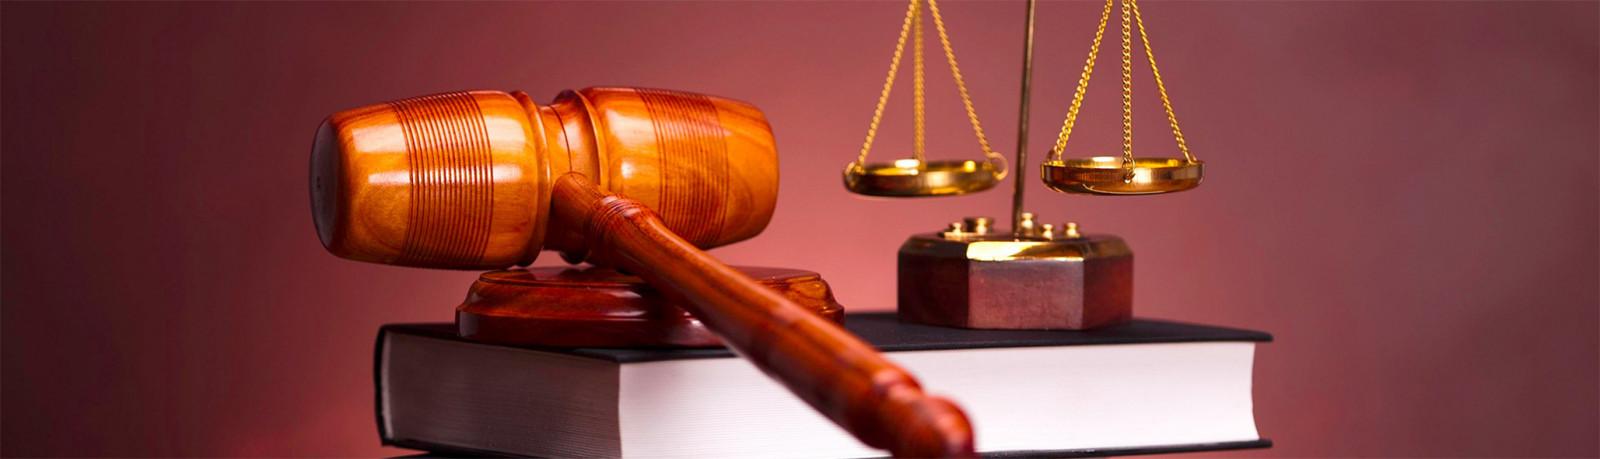 Юридическое обслуживание бизнеса. Схема